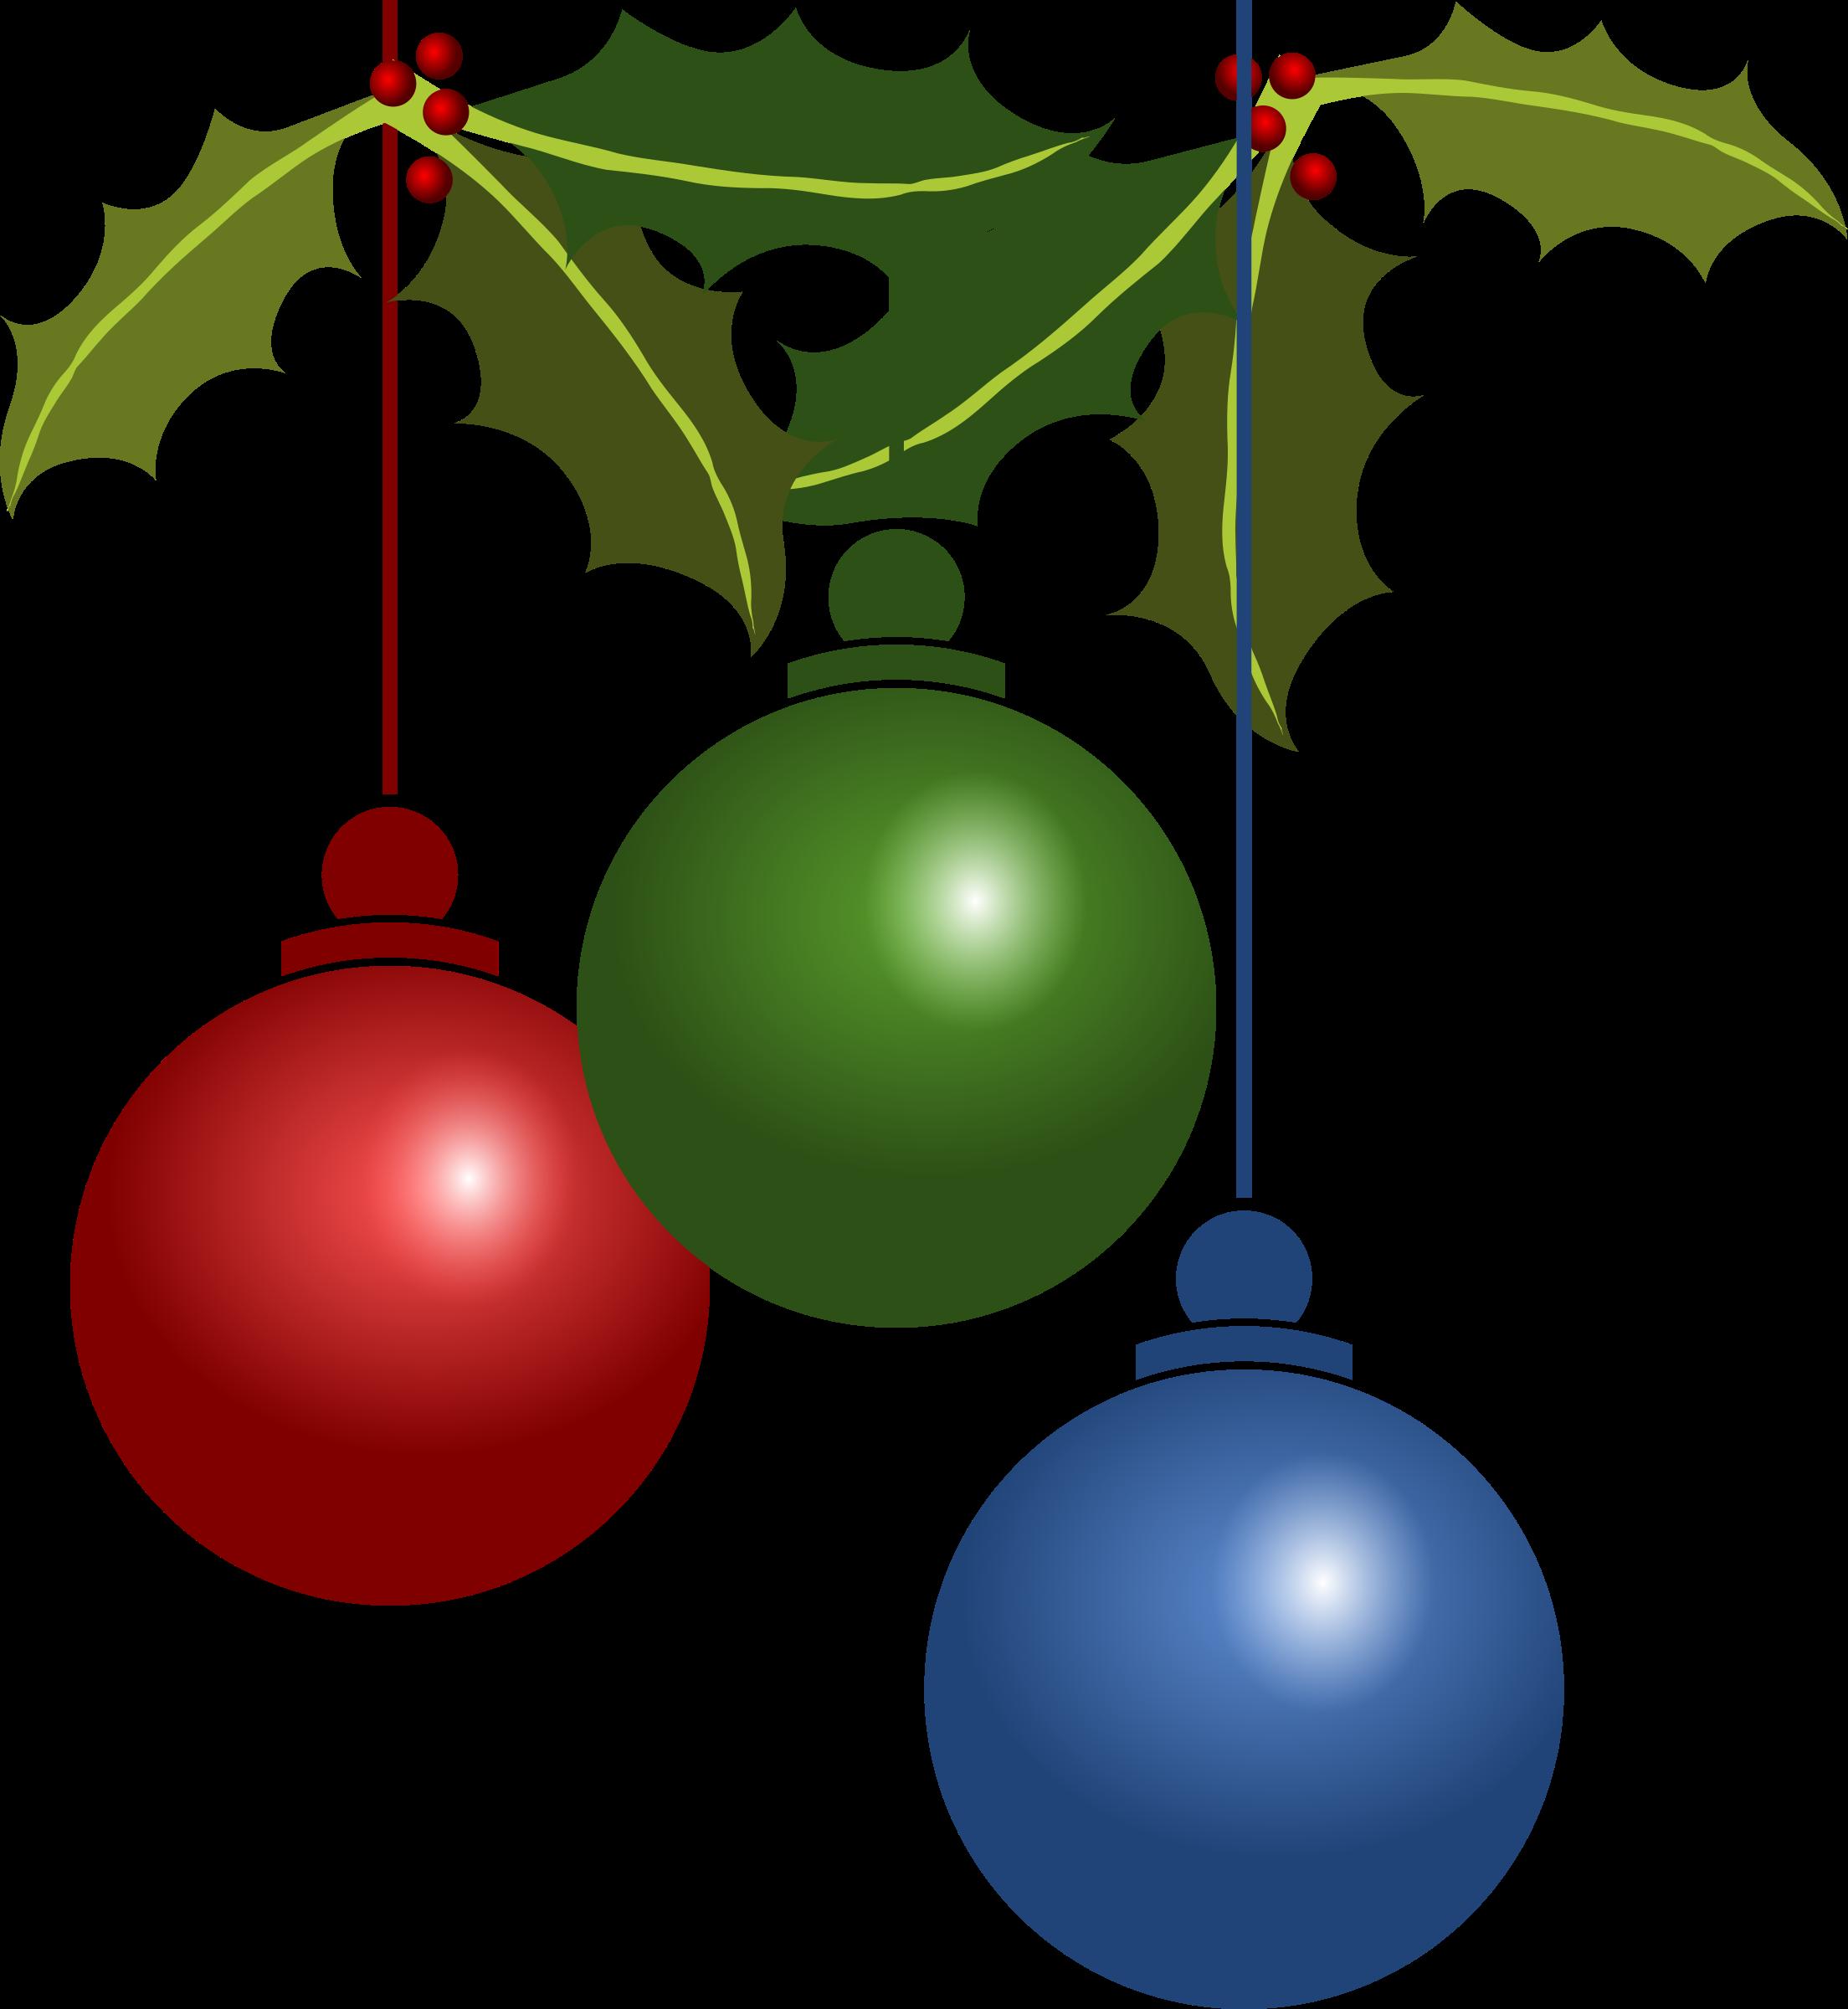 Christmas big image png. Holidays clipart animated